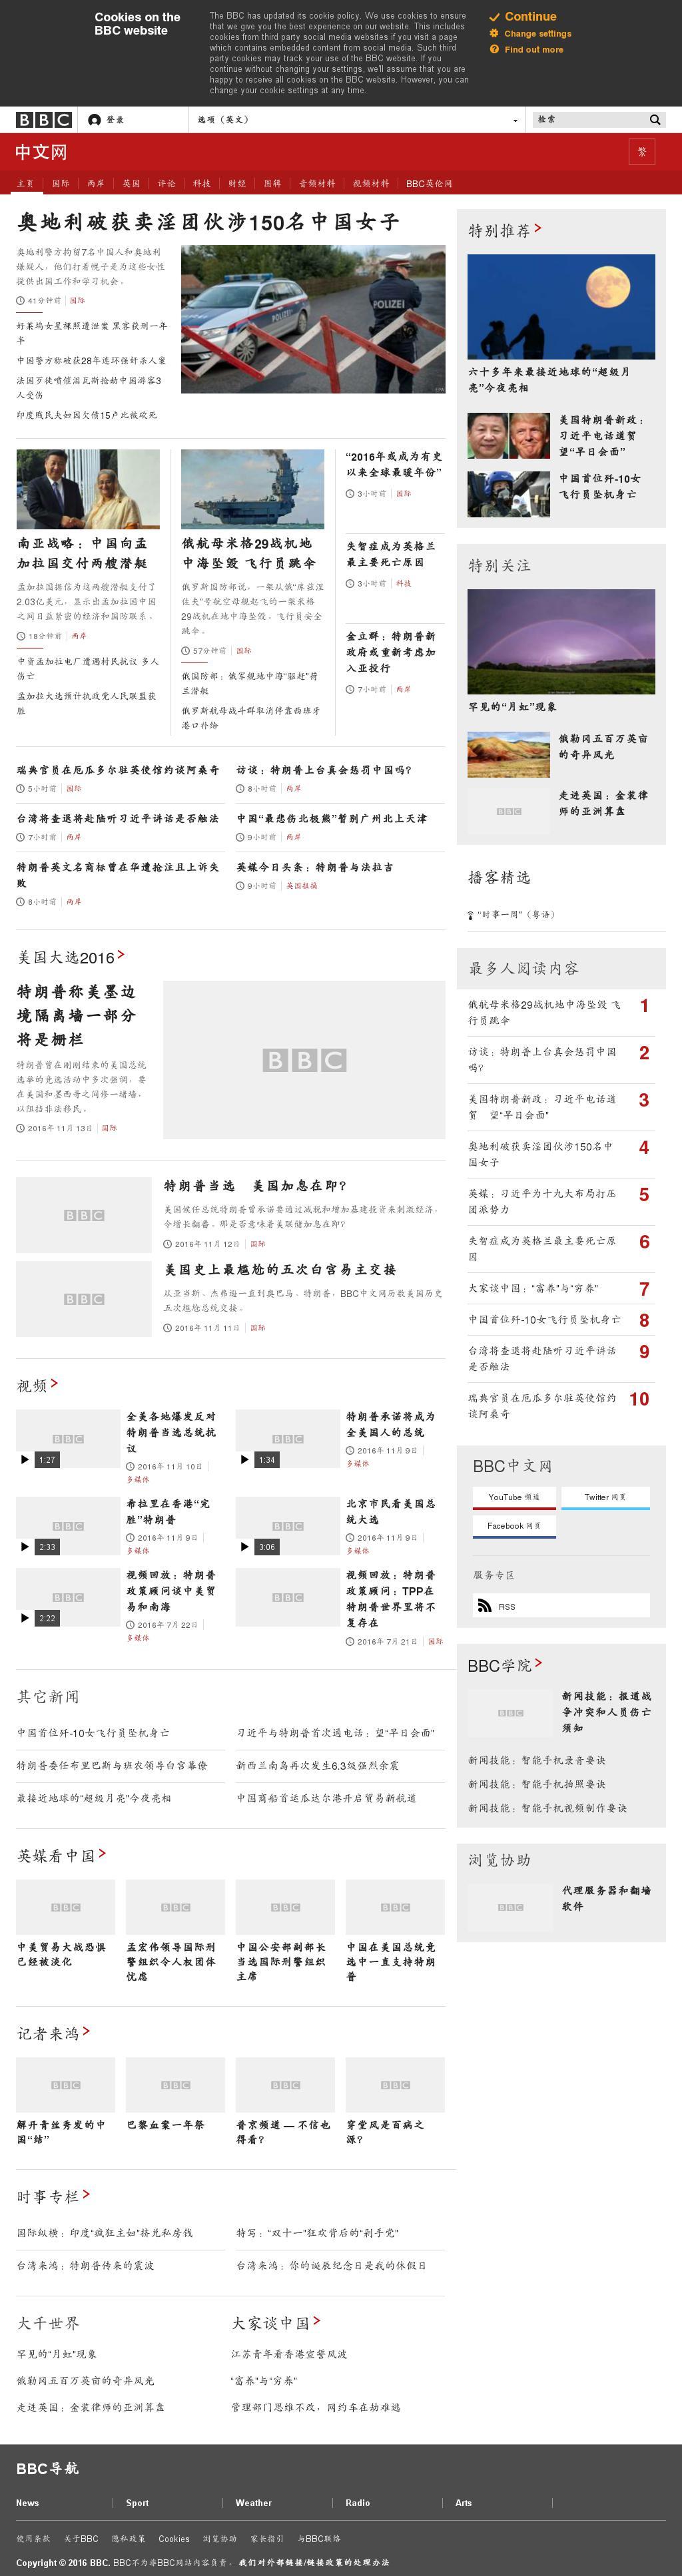 BBC (Chinese) at Monday Nov. 14, 2016, 7 p.m. UTC